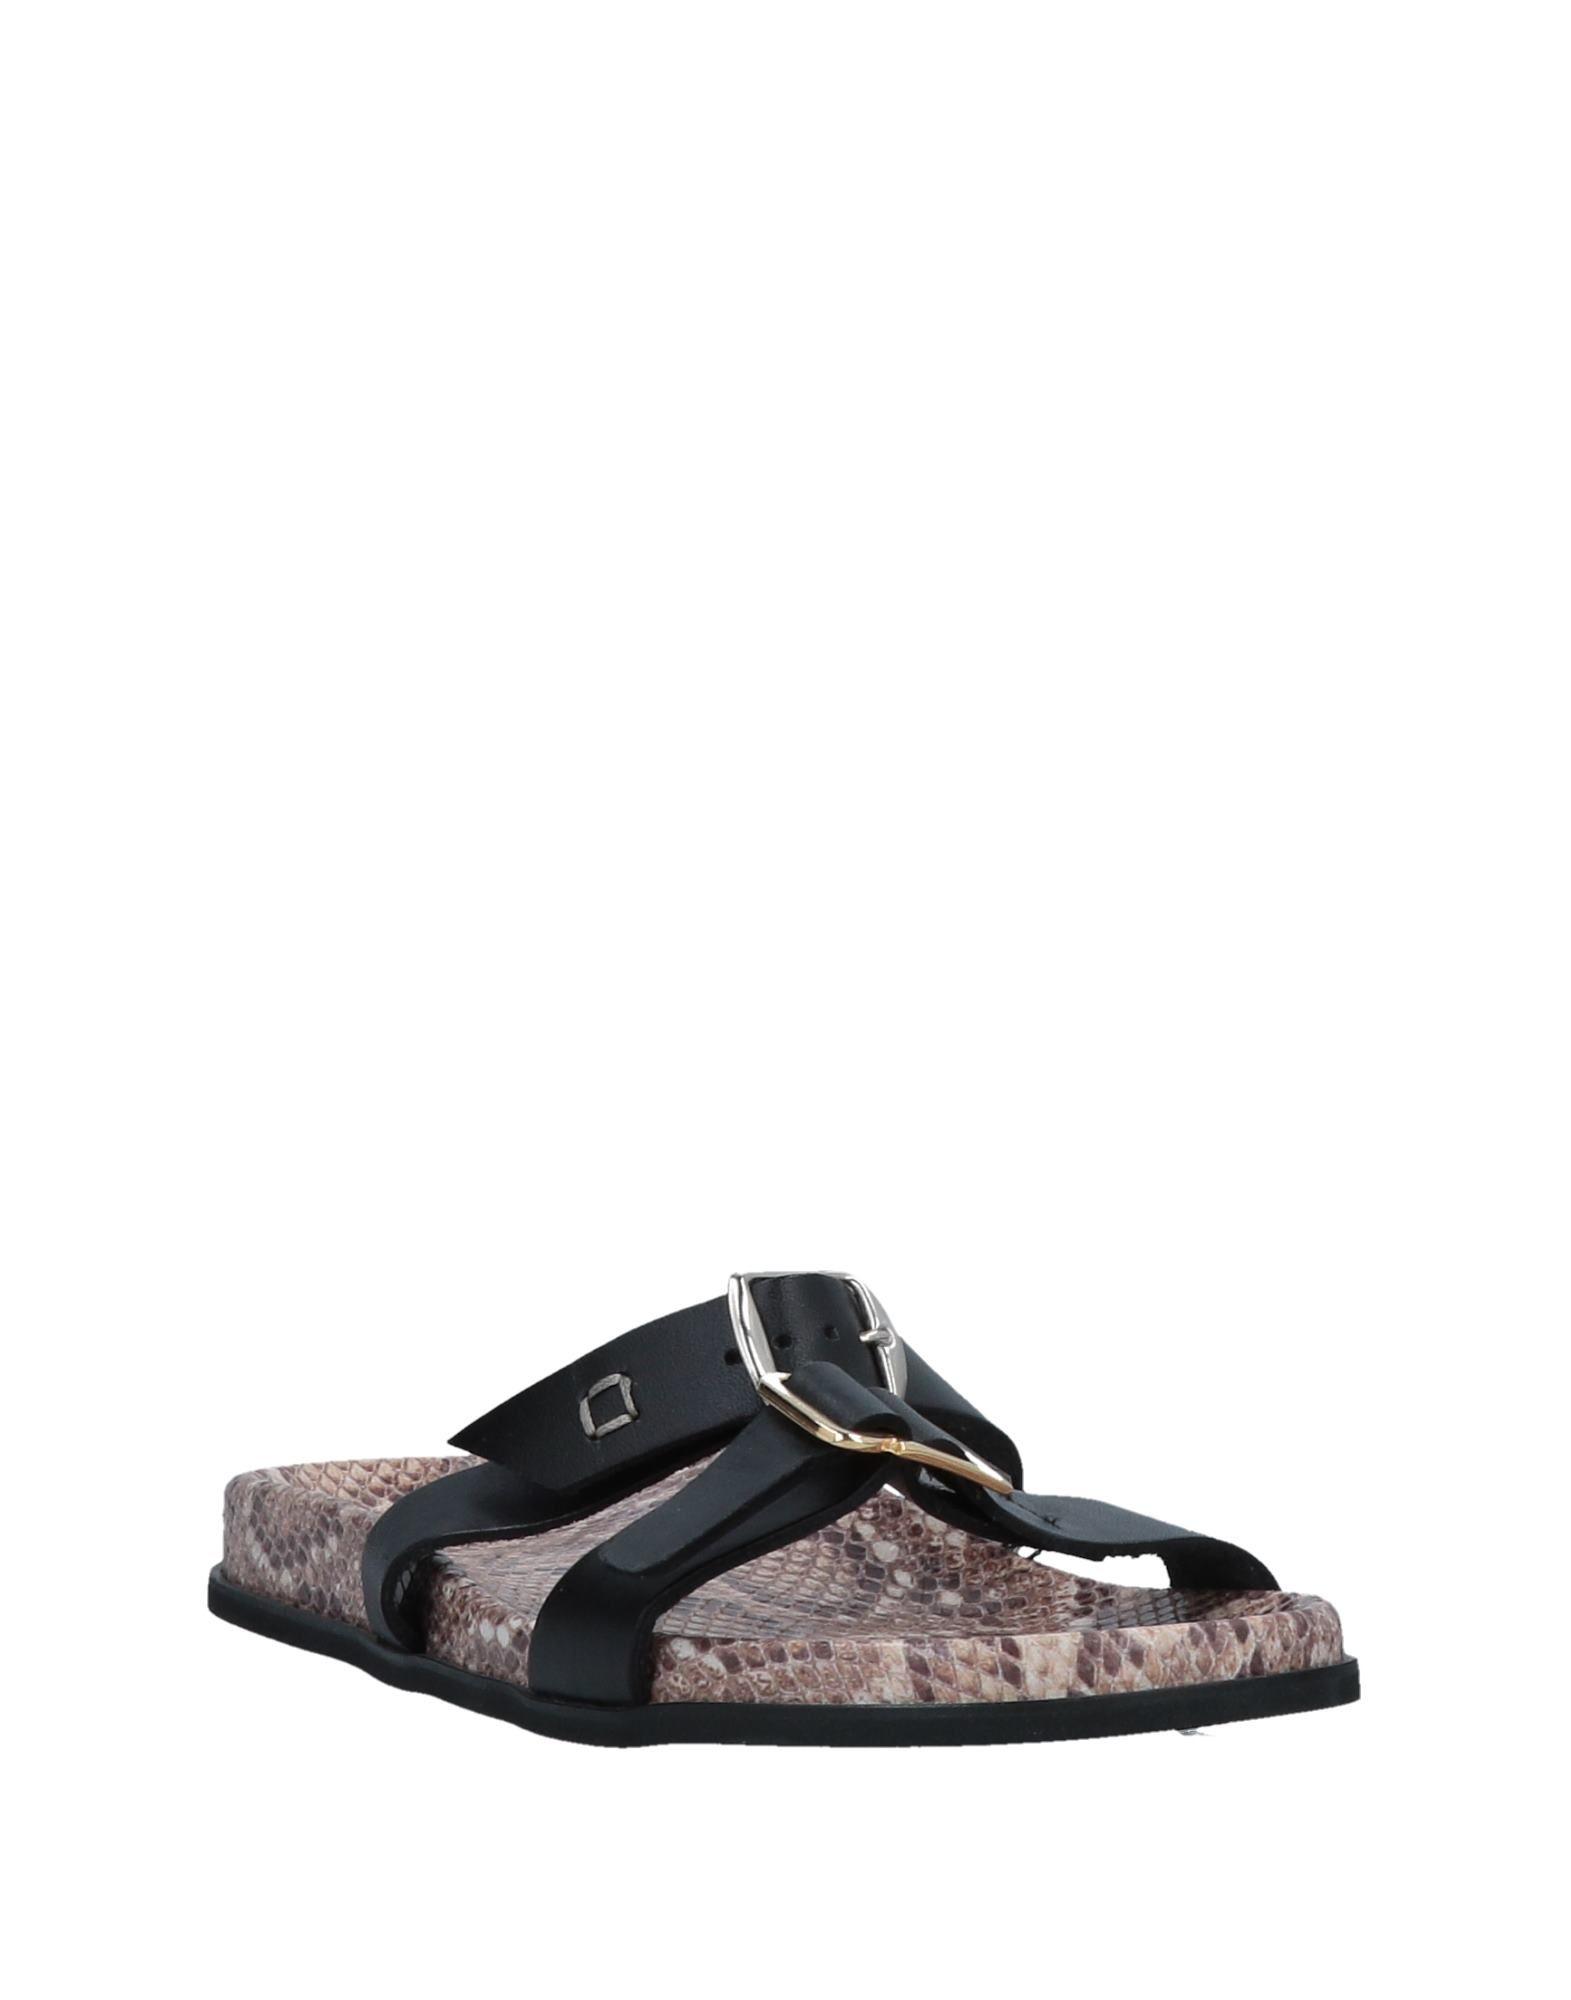 Collection Privēe?  Sandalen Damen  Privēe? 11504607SJ Neue Schuhe e79506